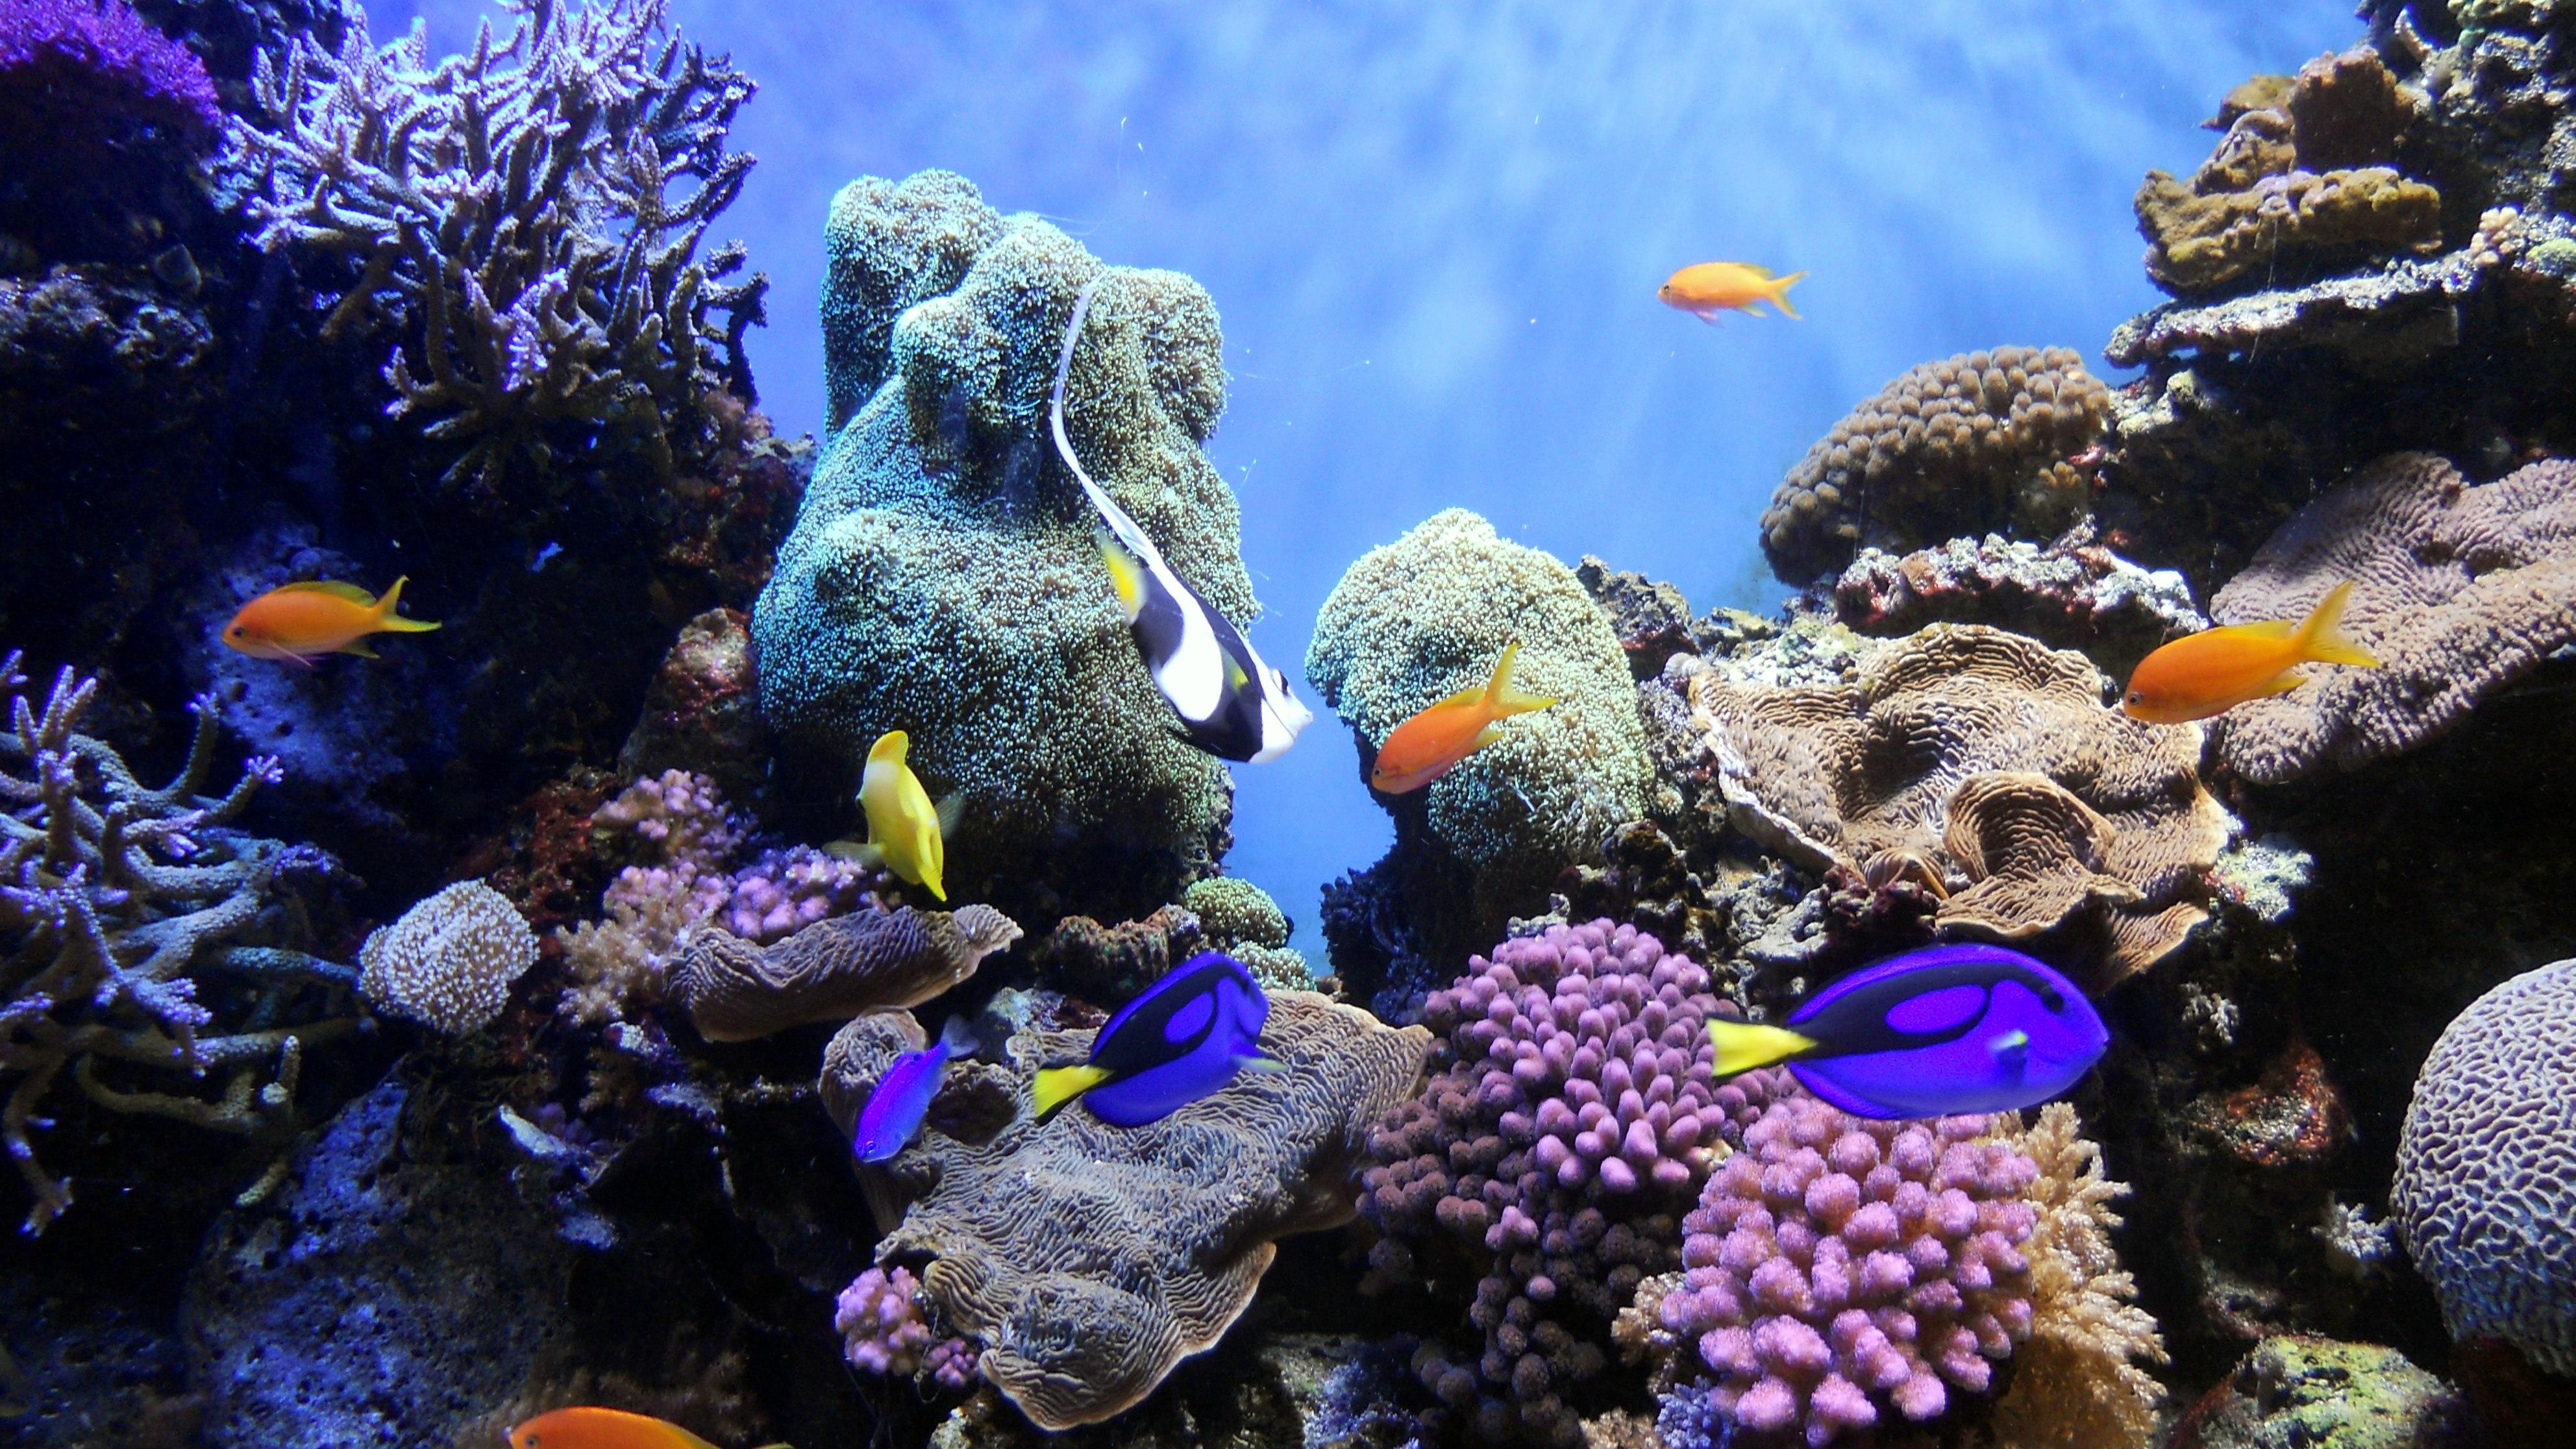 File:Underwater World.jpg - Wikimedia Commons: https://commons.wikimedia.org/wiki/File:Underwater_World.jpg